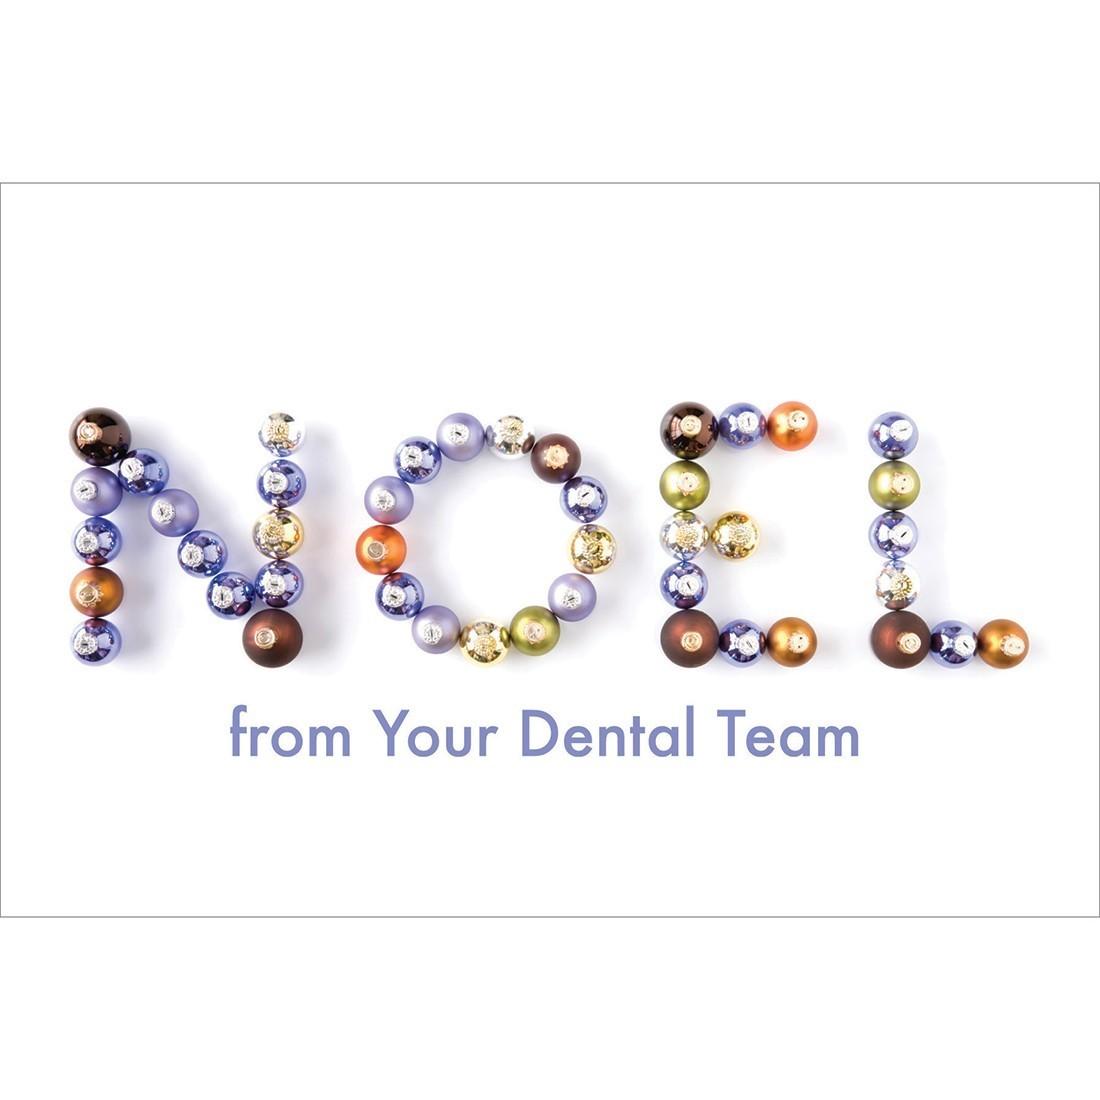 Noel Dental Team Greeting Cards [image]